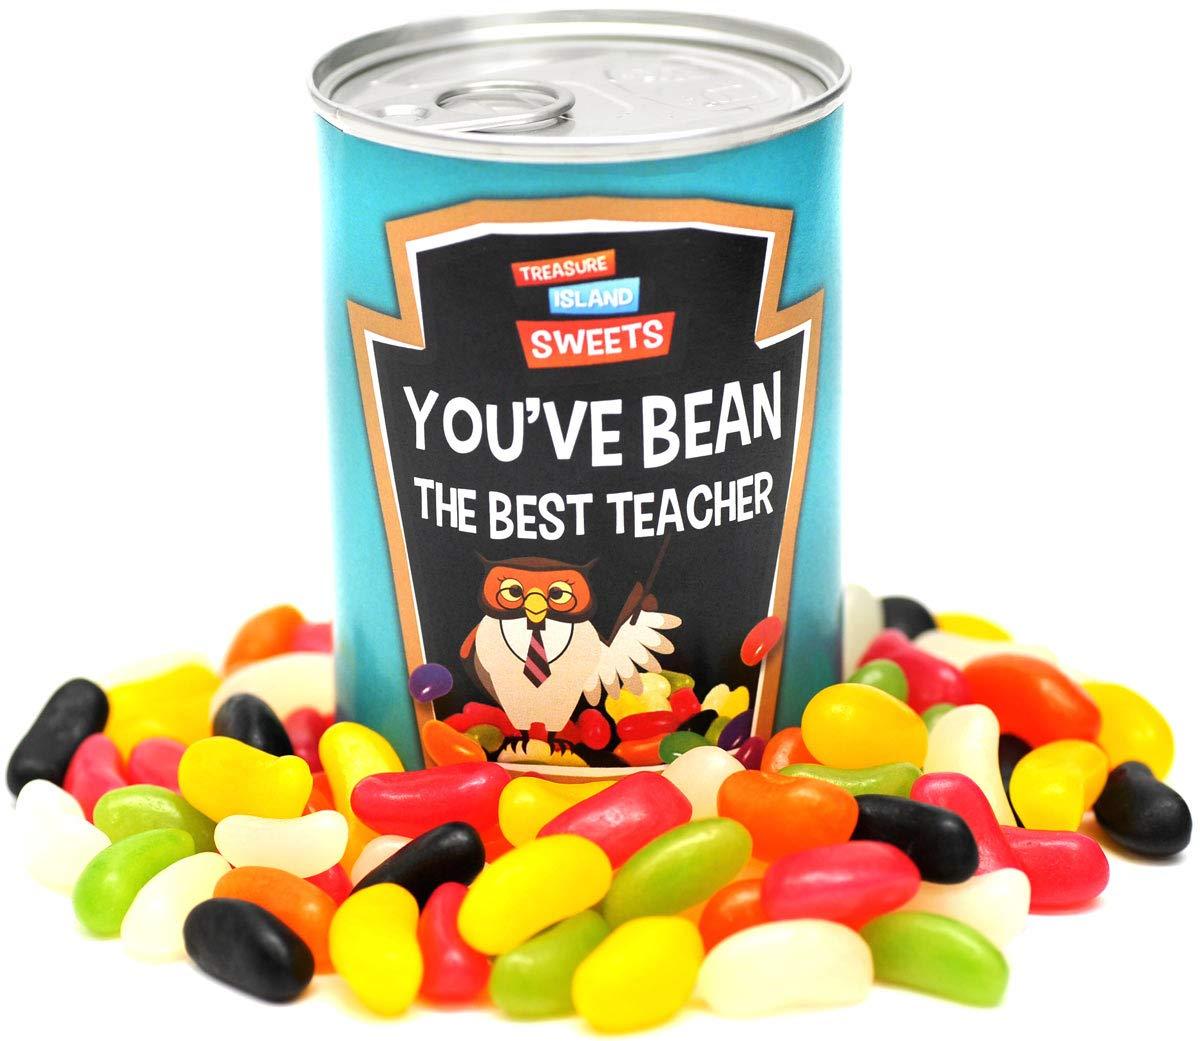 Thank you teacher beans